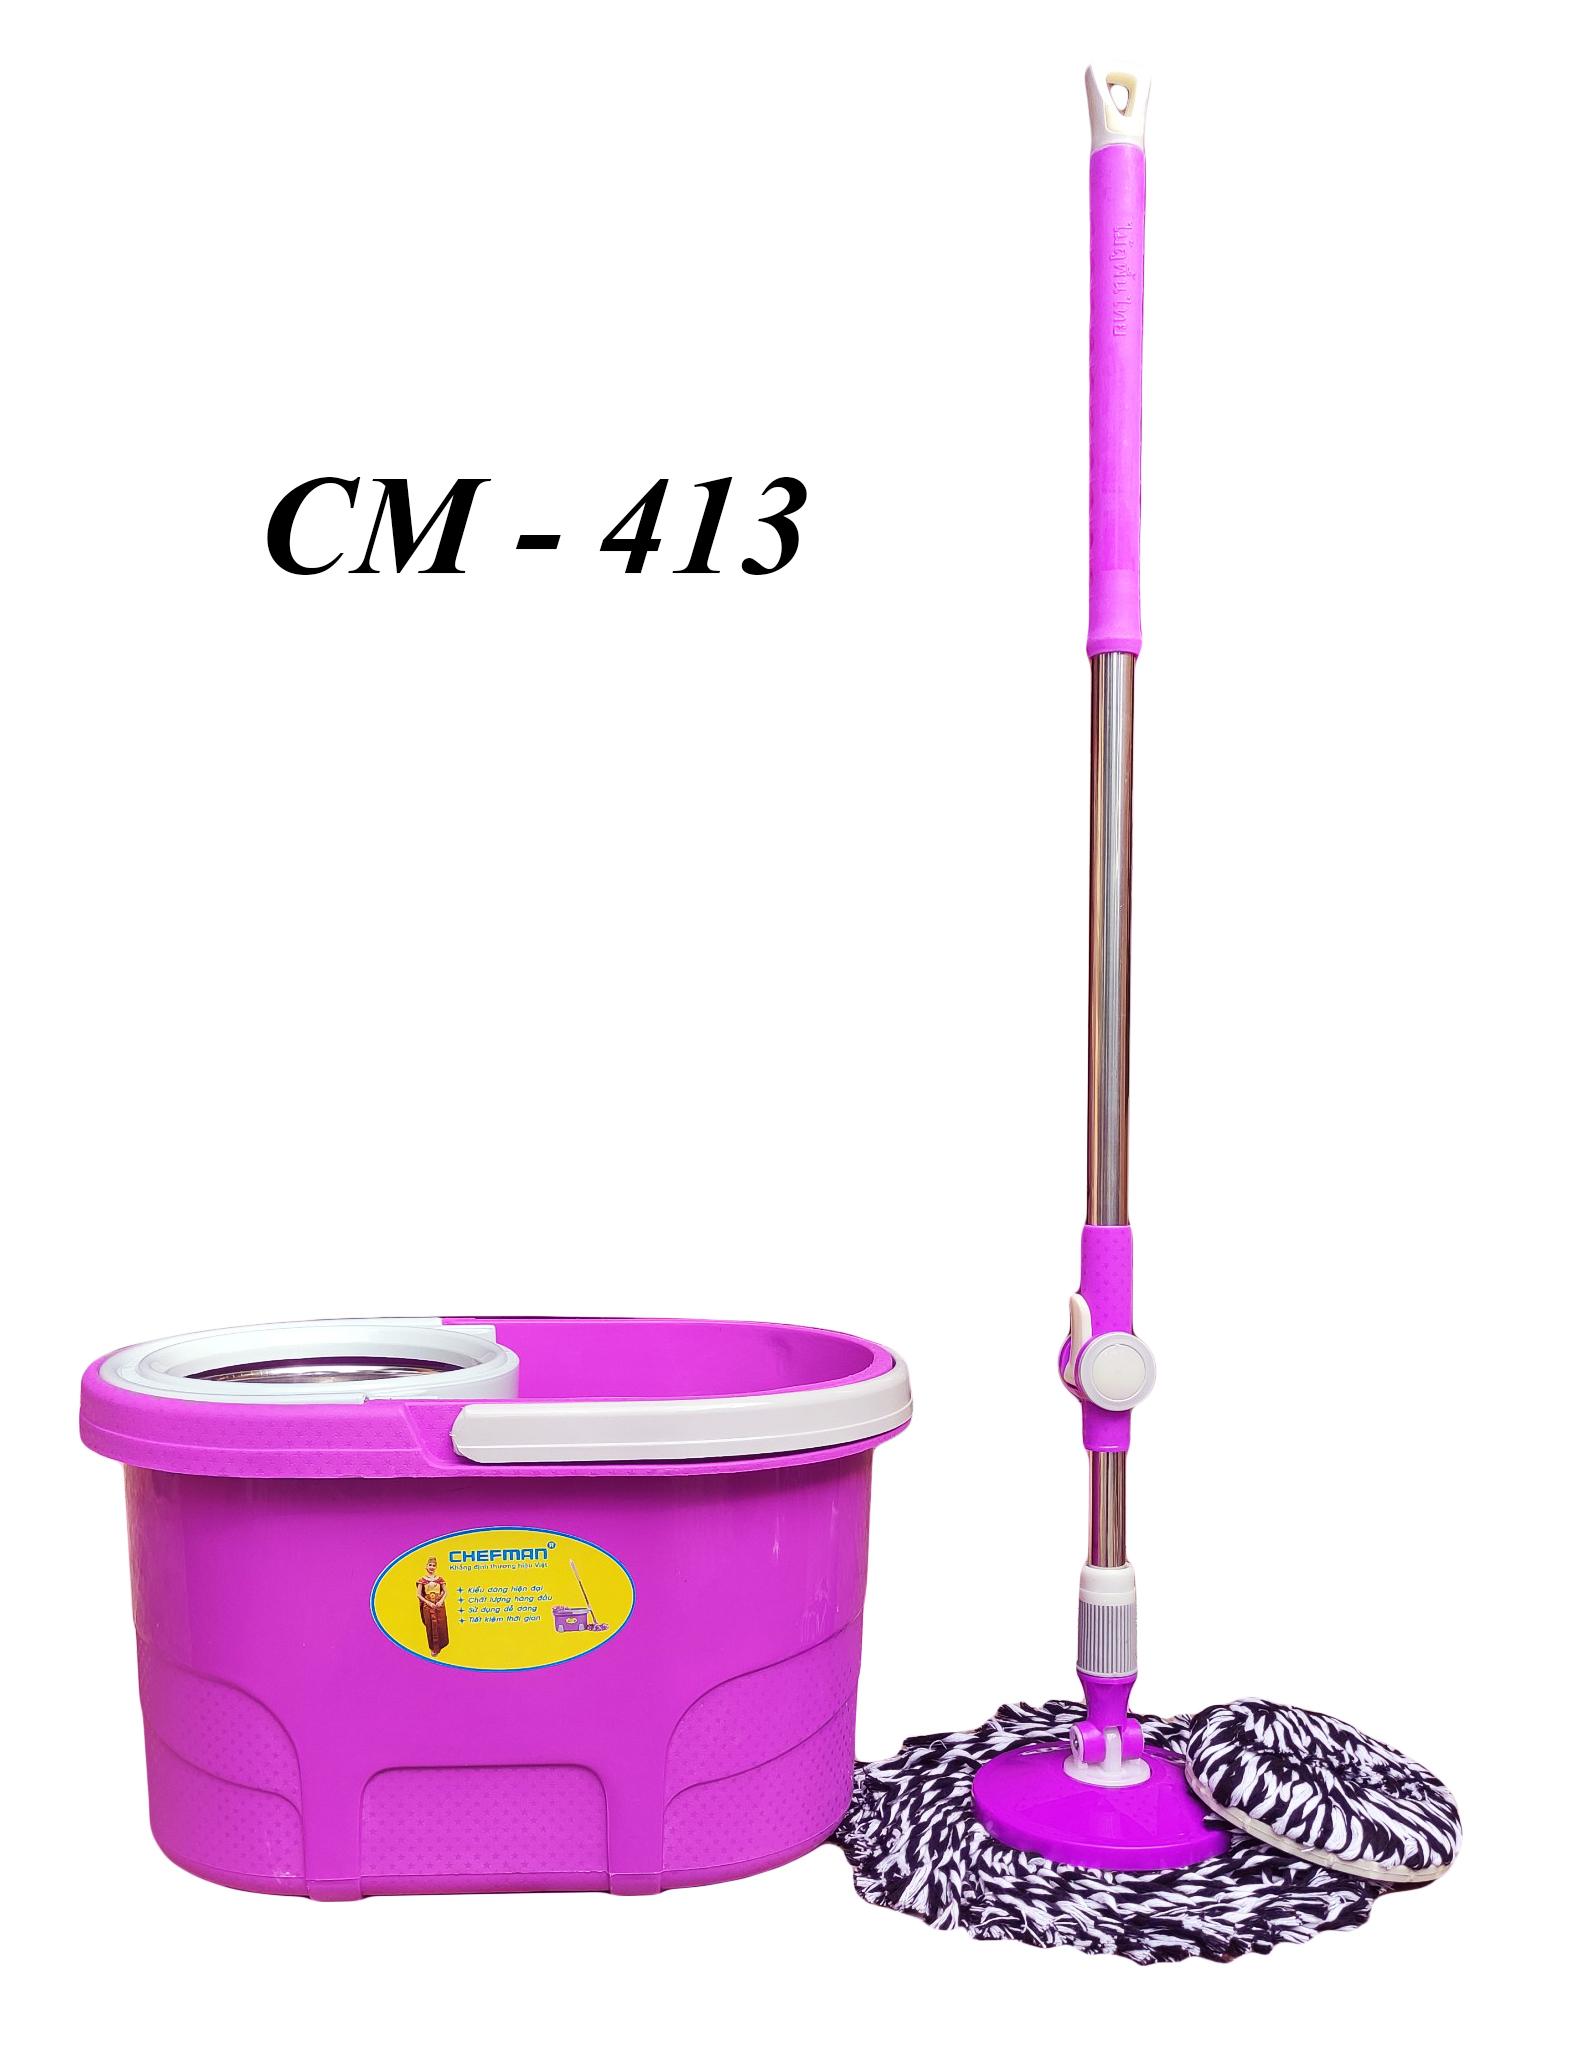 choi-lau-nha-chefman-cm-413v